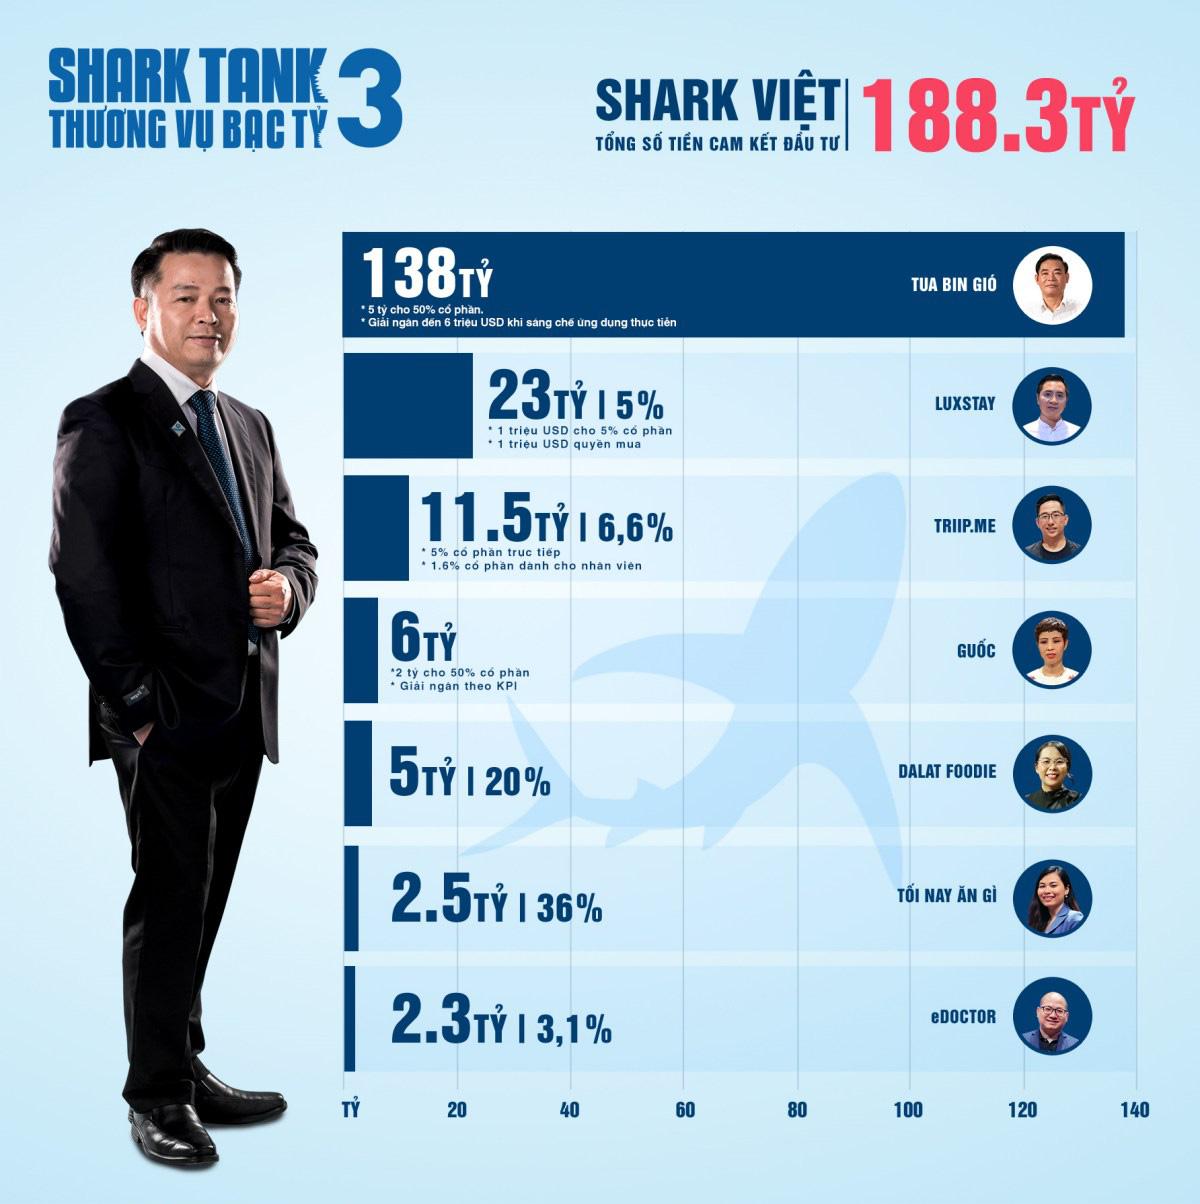 Shark Tank Việt Nam mùa 3 - Hành trình lan tỏa cảm hứng khởi nghiệp mạnh mẽ - Ảnh 2.